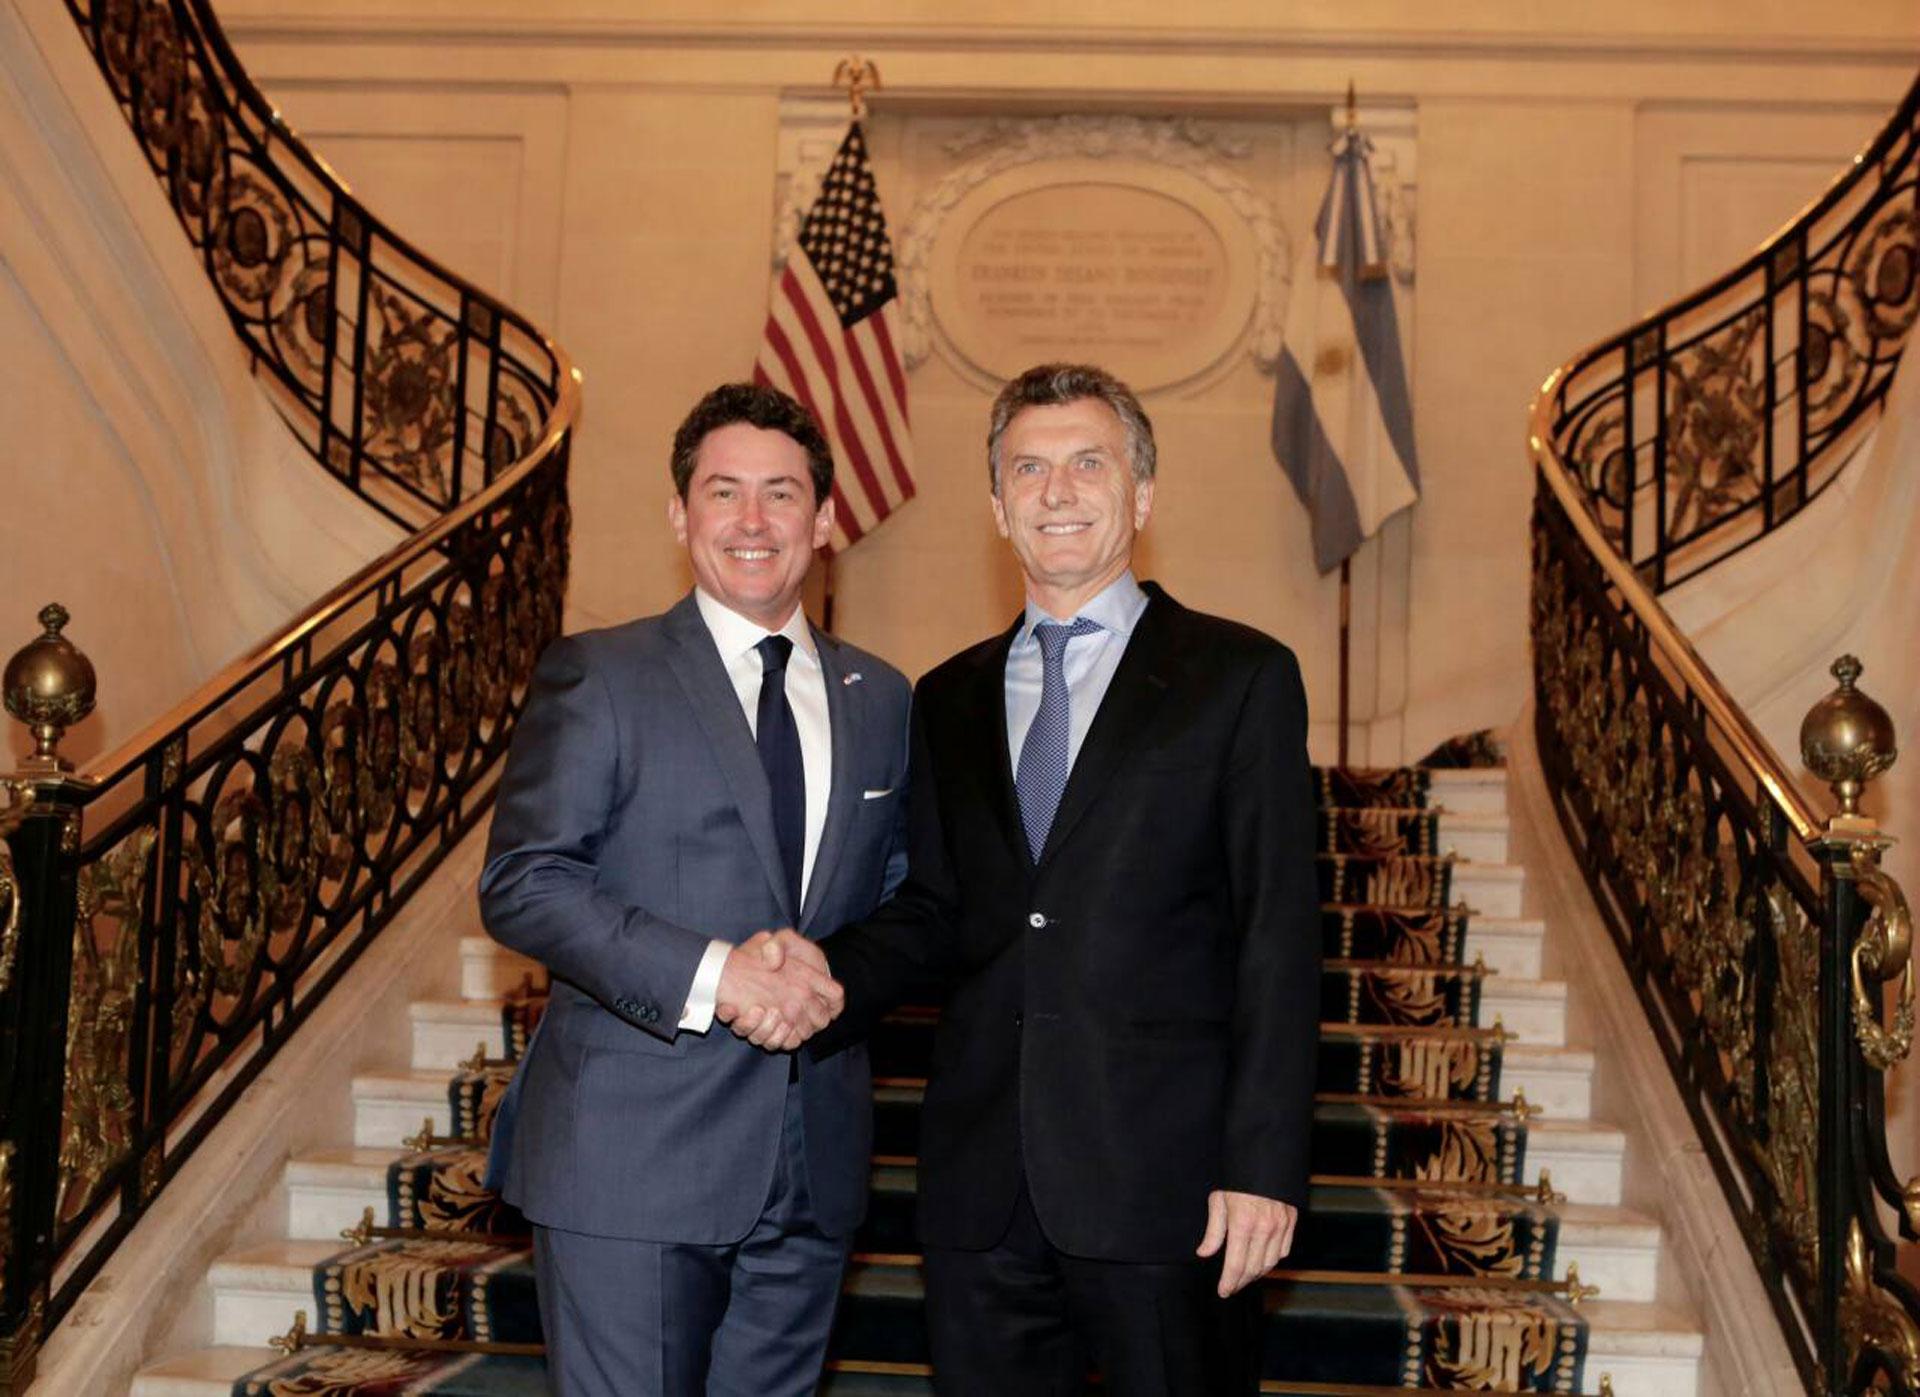 El embajador de los Estados Unidos, Noah Mamet, recibió a Mauricio Macri en el Palacio Bosch con motivo del Foro del Inversiones